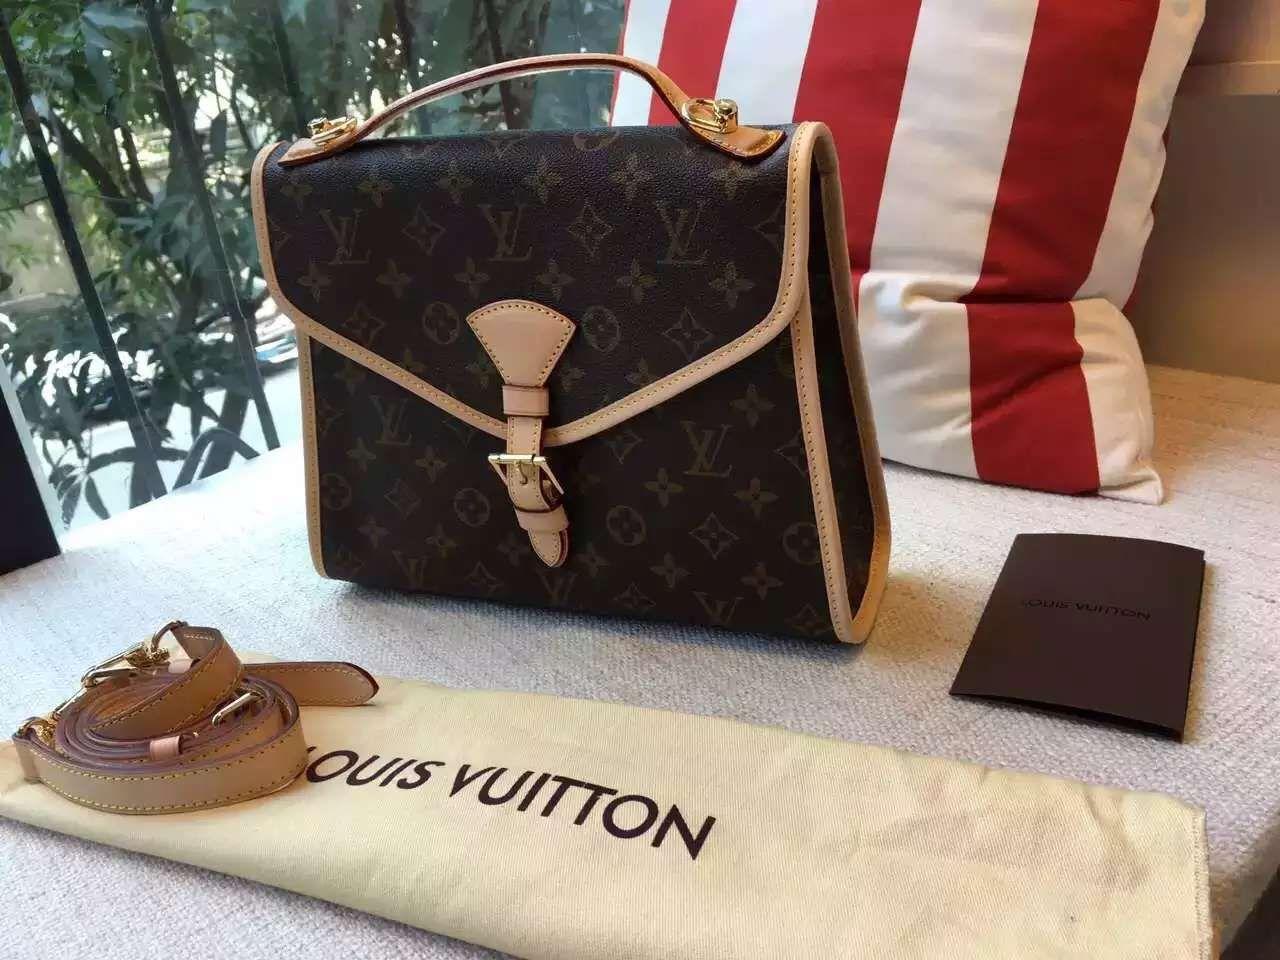 louis vuitton Bag, ID : 37222(FORSALE:a@yybags.com), 谢褍懈褋 胁懈褌芯薪, louisvuittom, authentic louis vuitton handbags, louis vuitton rolling backpacks, louis vuitton genuine leather belts, luis vuitton, louis vilton, louie vuton, louis vuitton branded handbags, louisvuitton uk, lv bags latest, louis vuitton briefcase laptop, 賱賵賷爻 賮賷鬲賵賳 #louisvuittonBag #louisvuitton #louis #vuitton #bags #sale